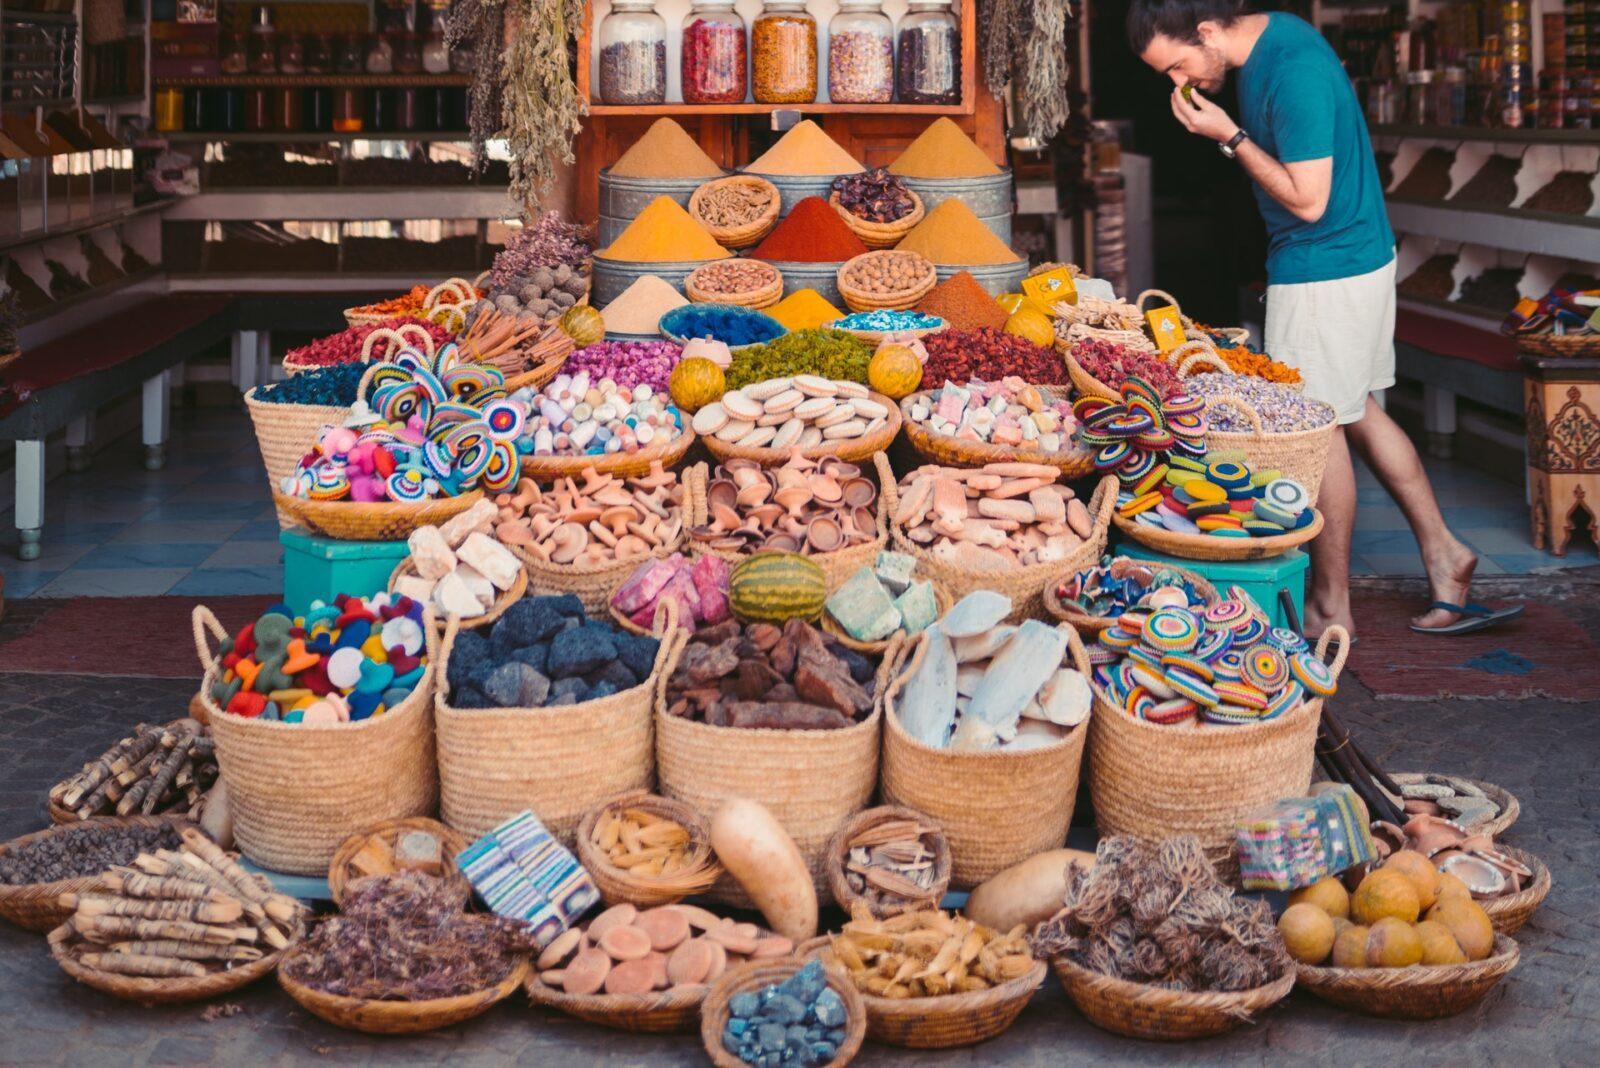 pexels taryn elliott 3889827 1536x1026 - Guide Morocco Tours